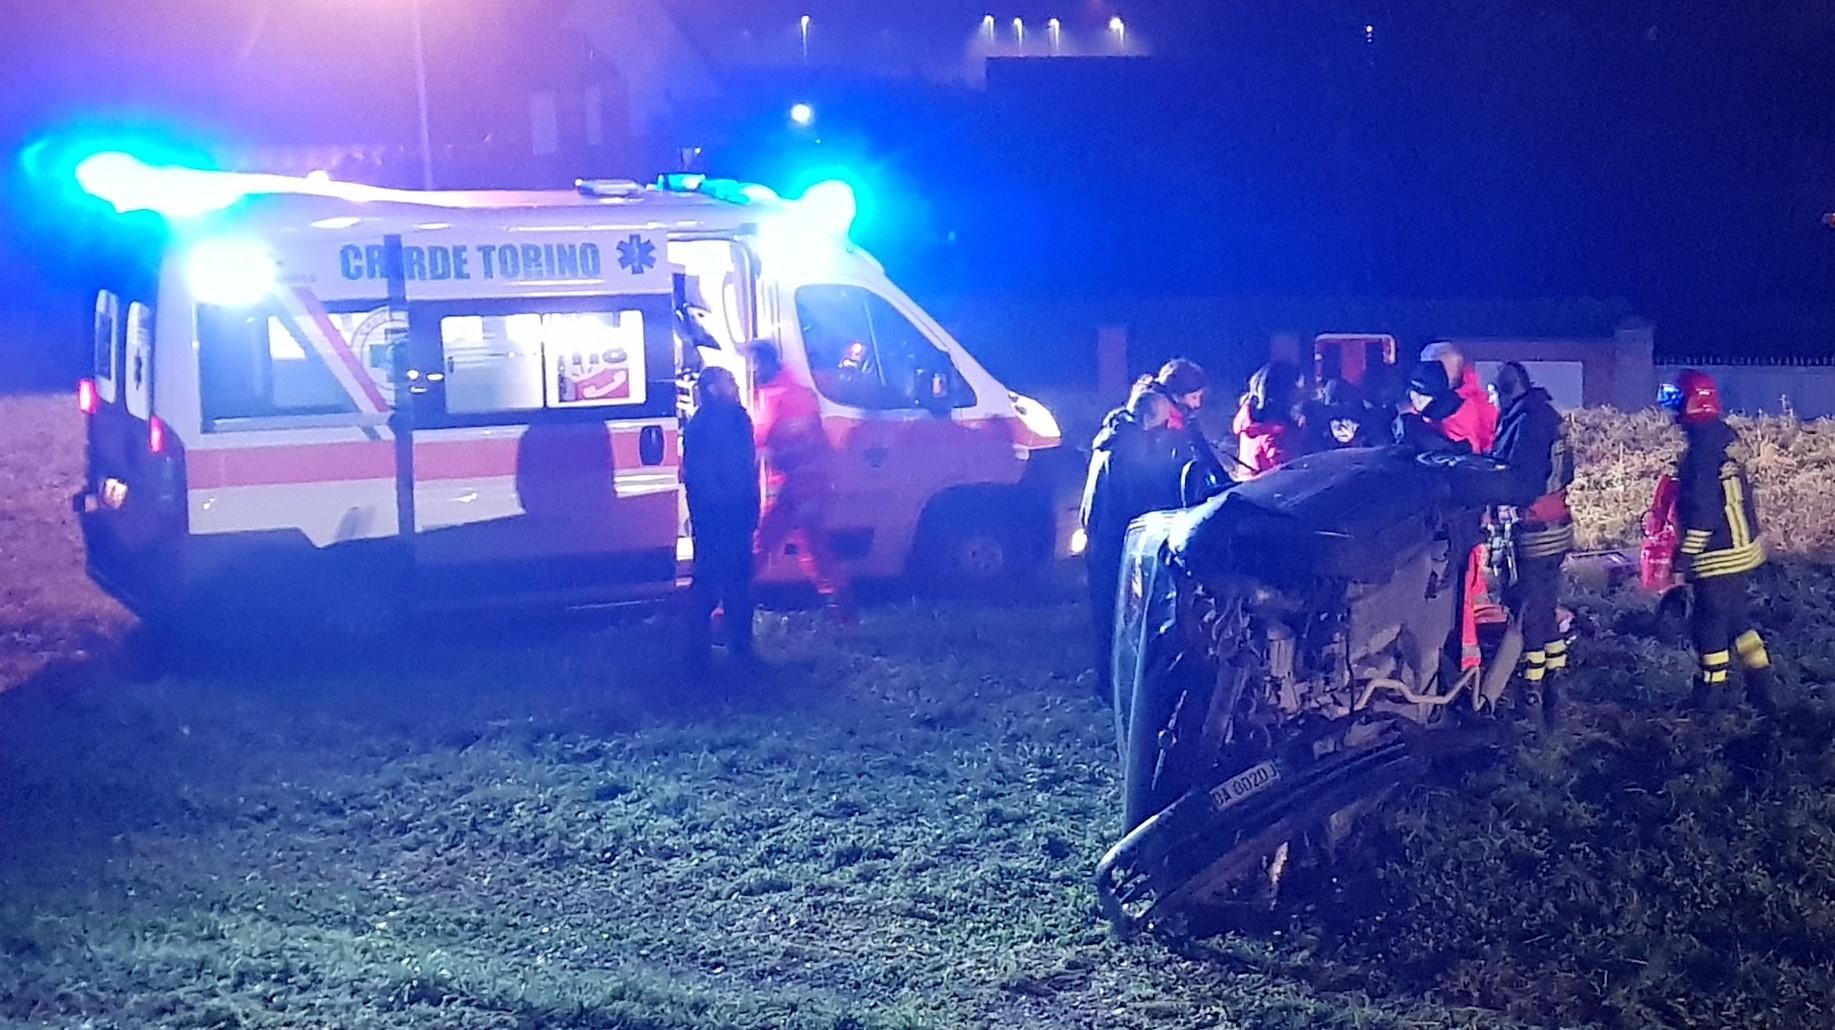 FRONT CANAVESE - Incidente stradale, auto precipita nella scarpata: ferita una donna di Rivarolo - FOTO E VIDEO